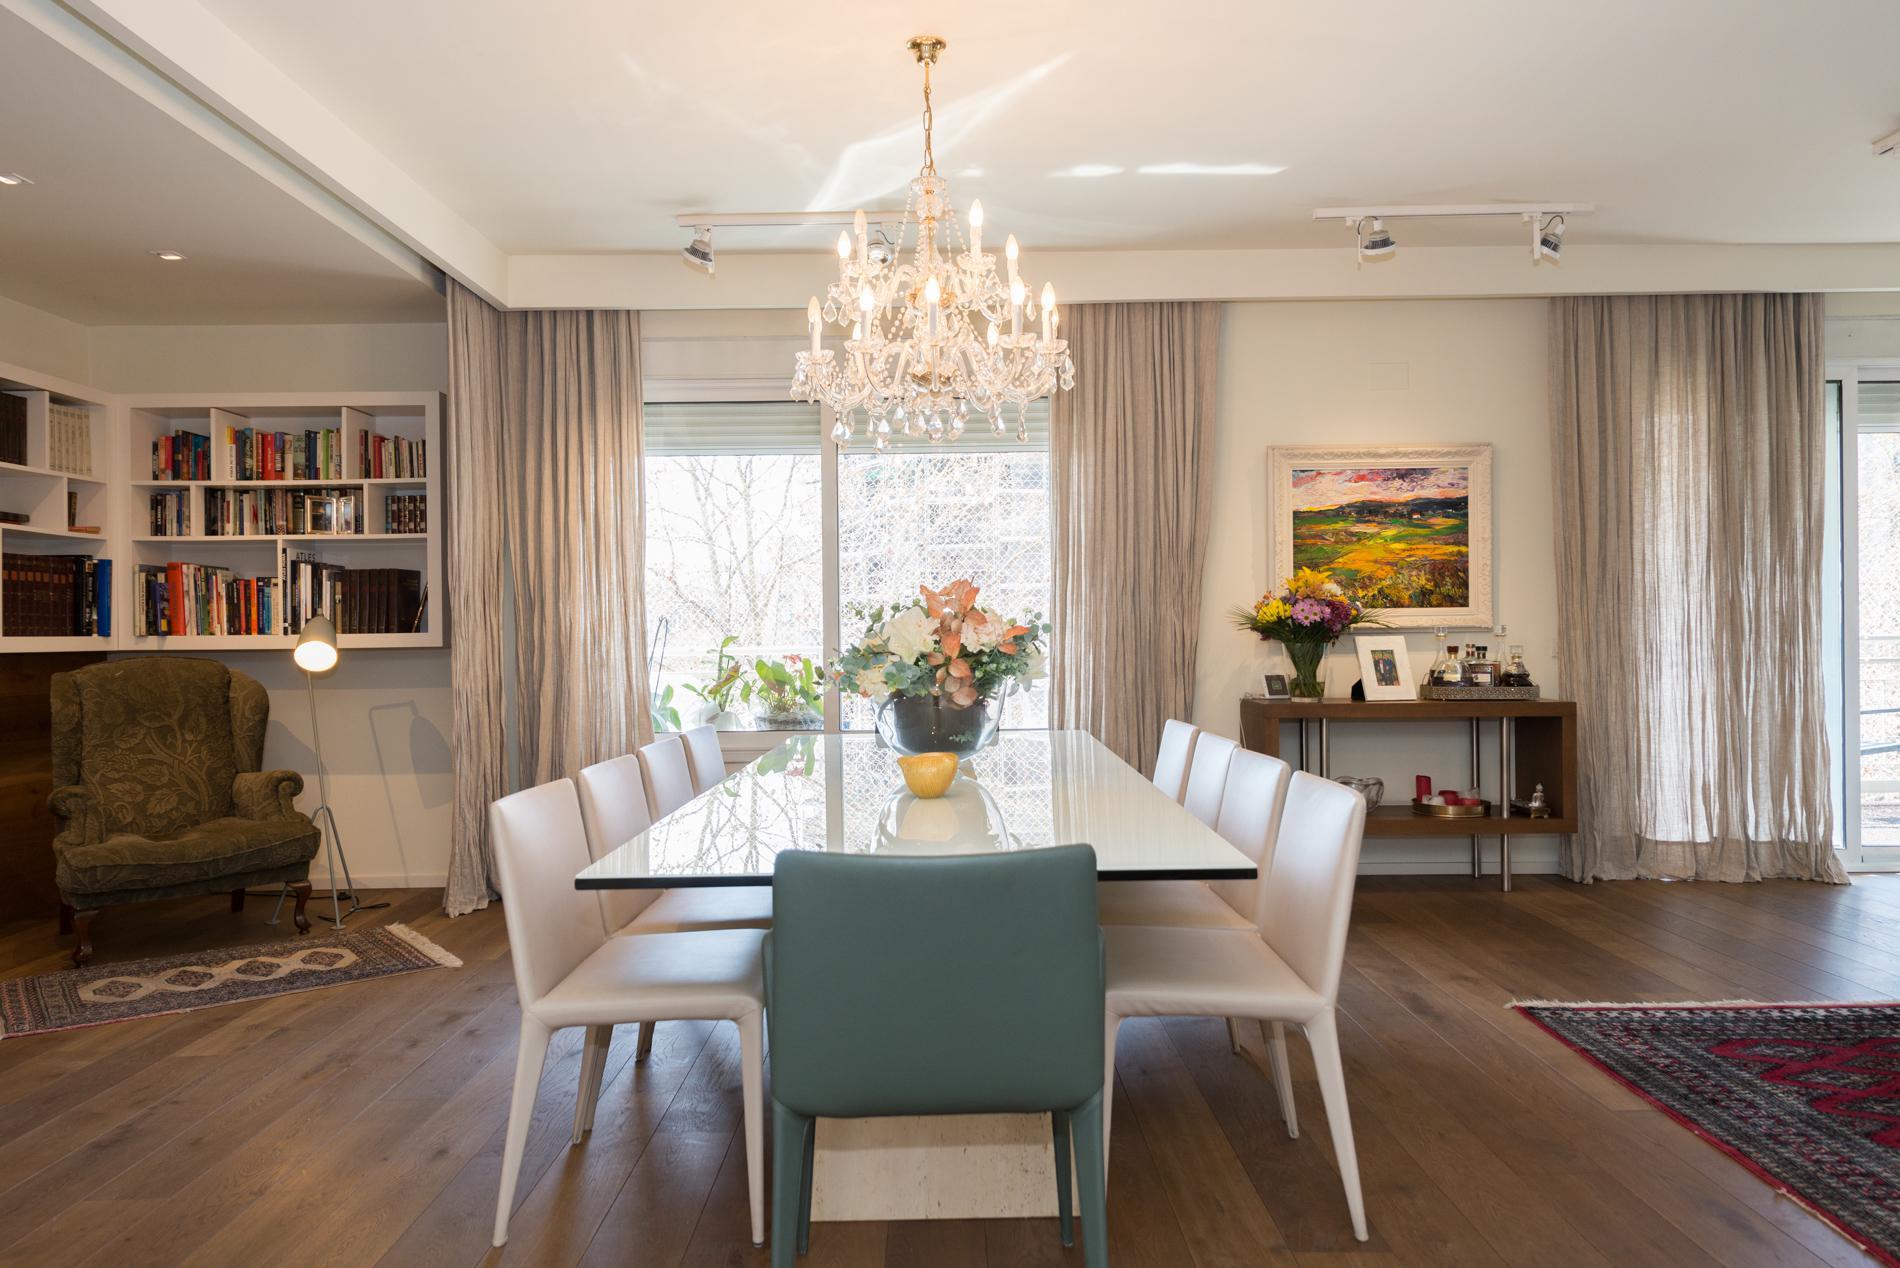 222426 Apartment for sale in Eixample, Dreta Eixample 8